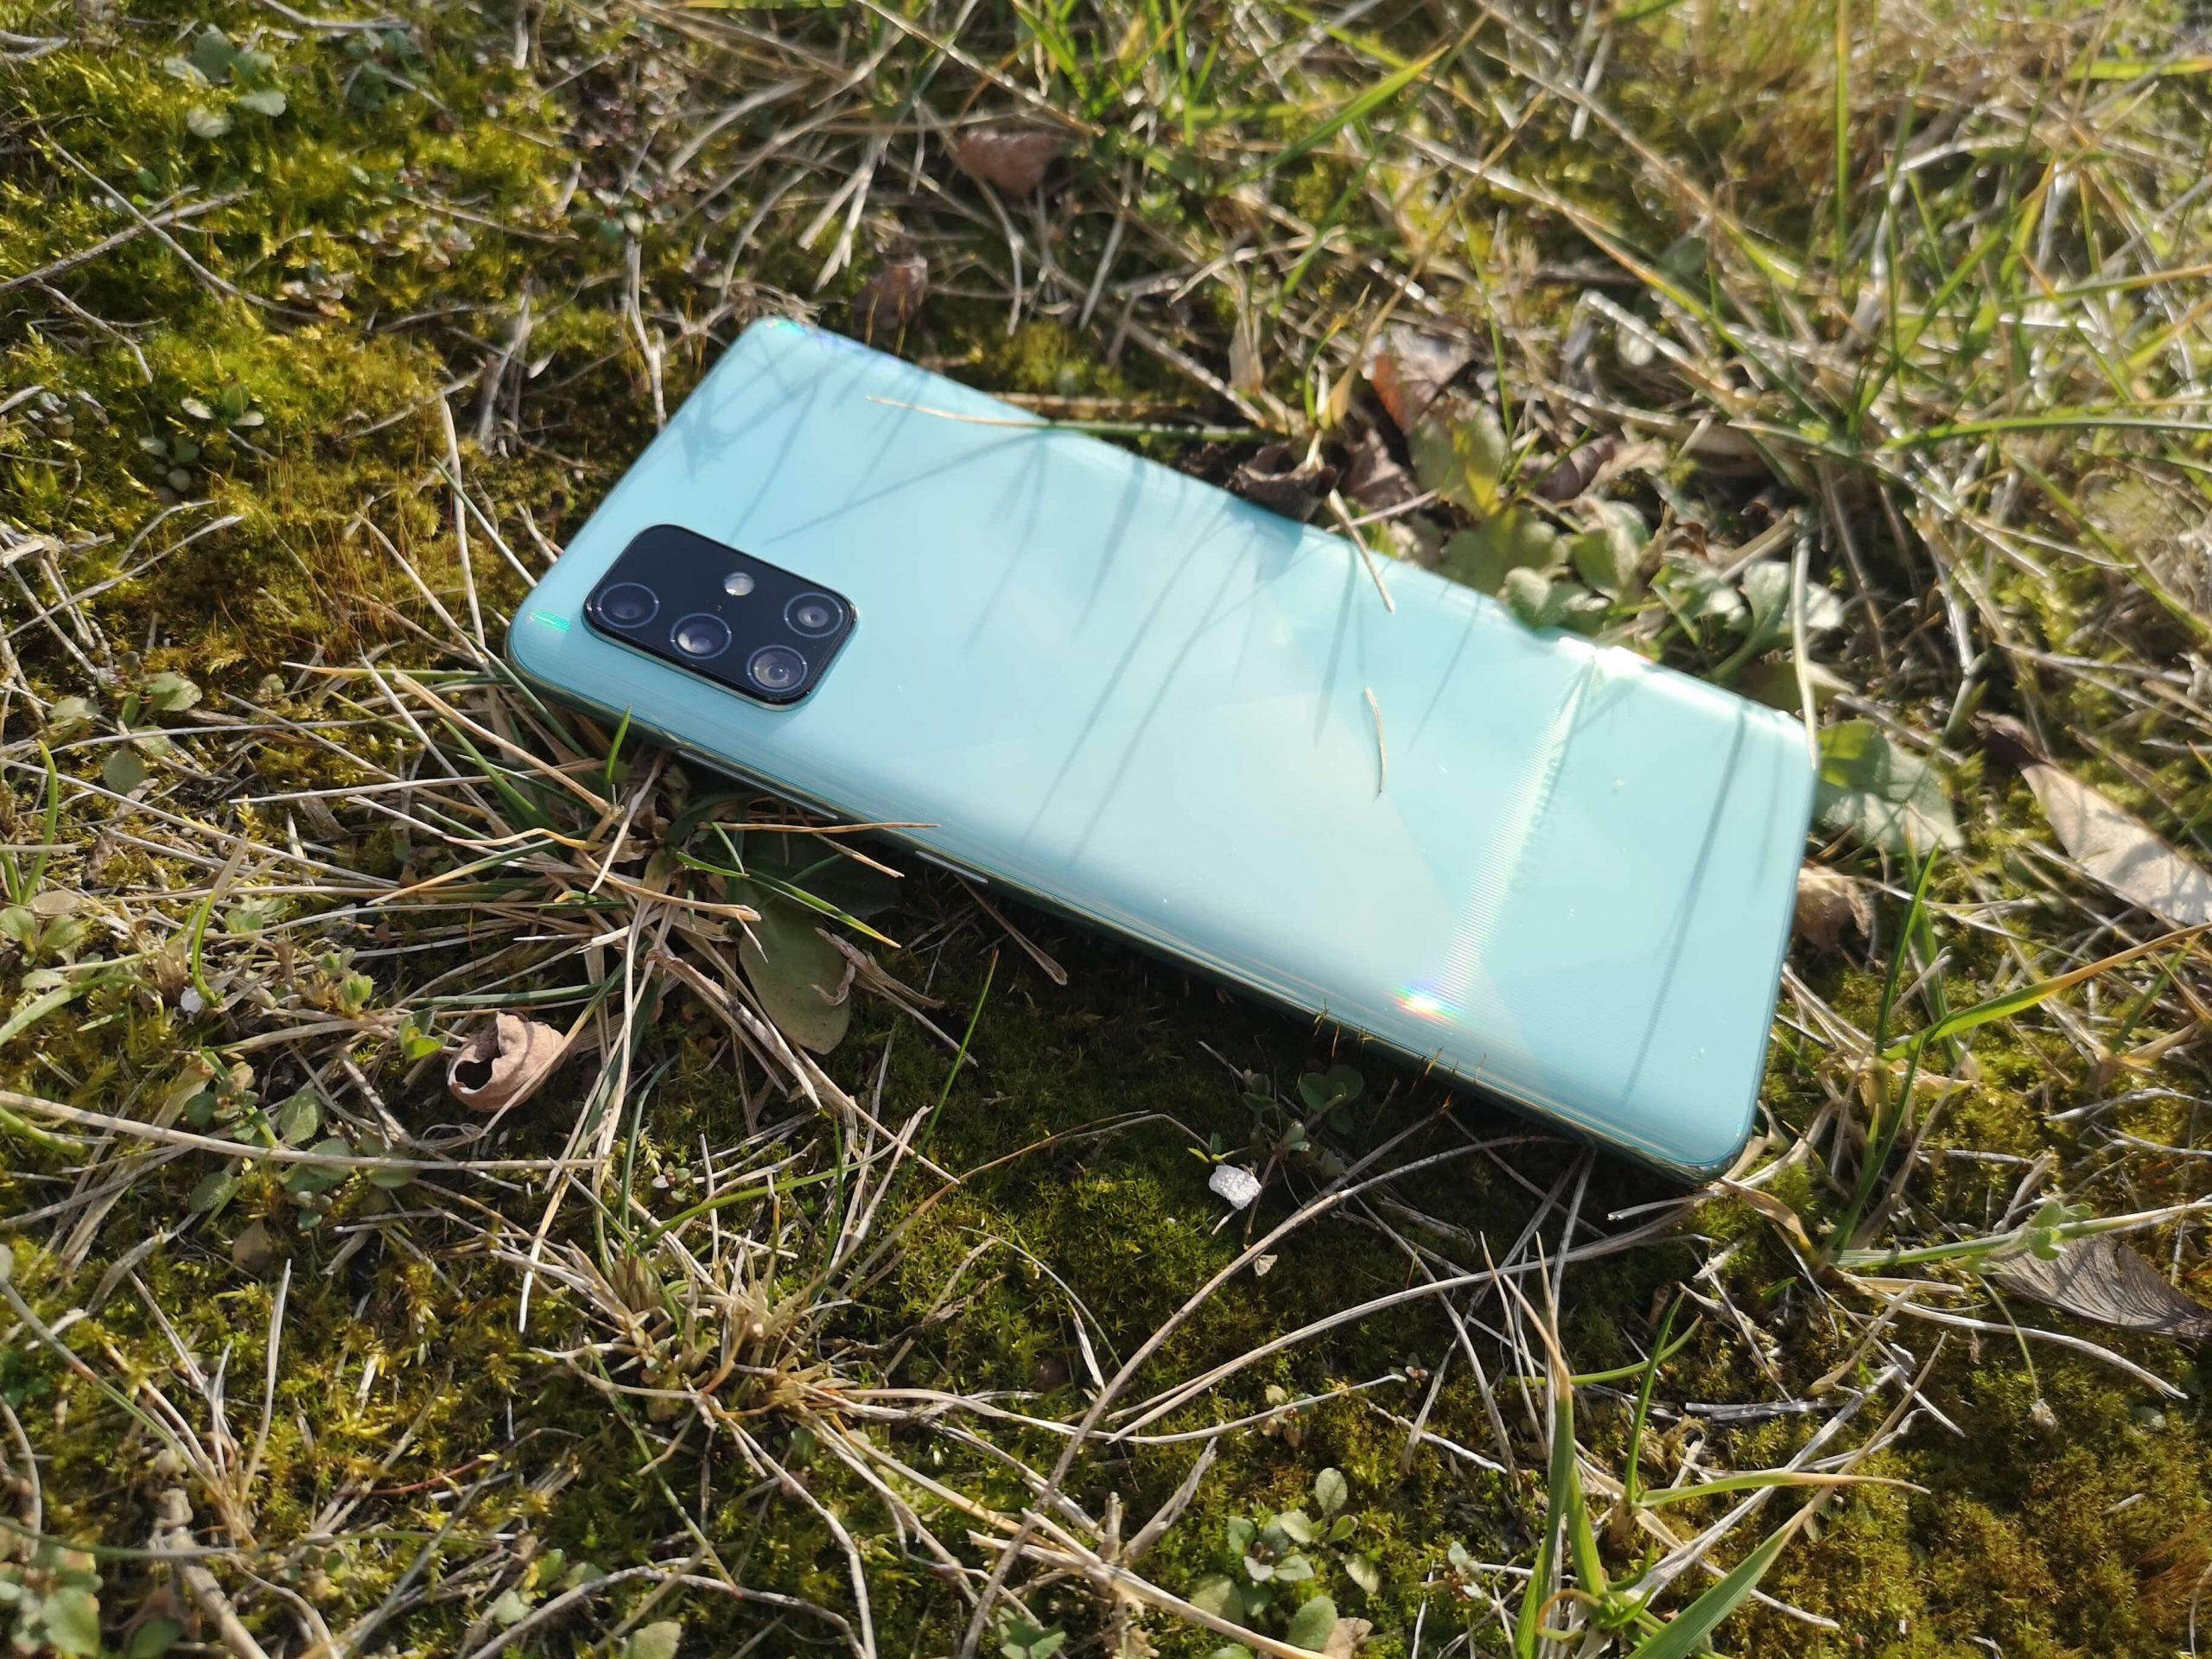 Samsung Galaxy A71 test